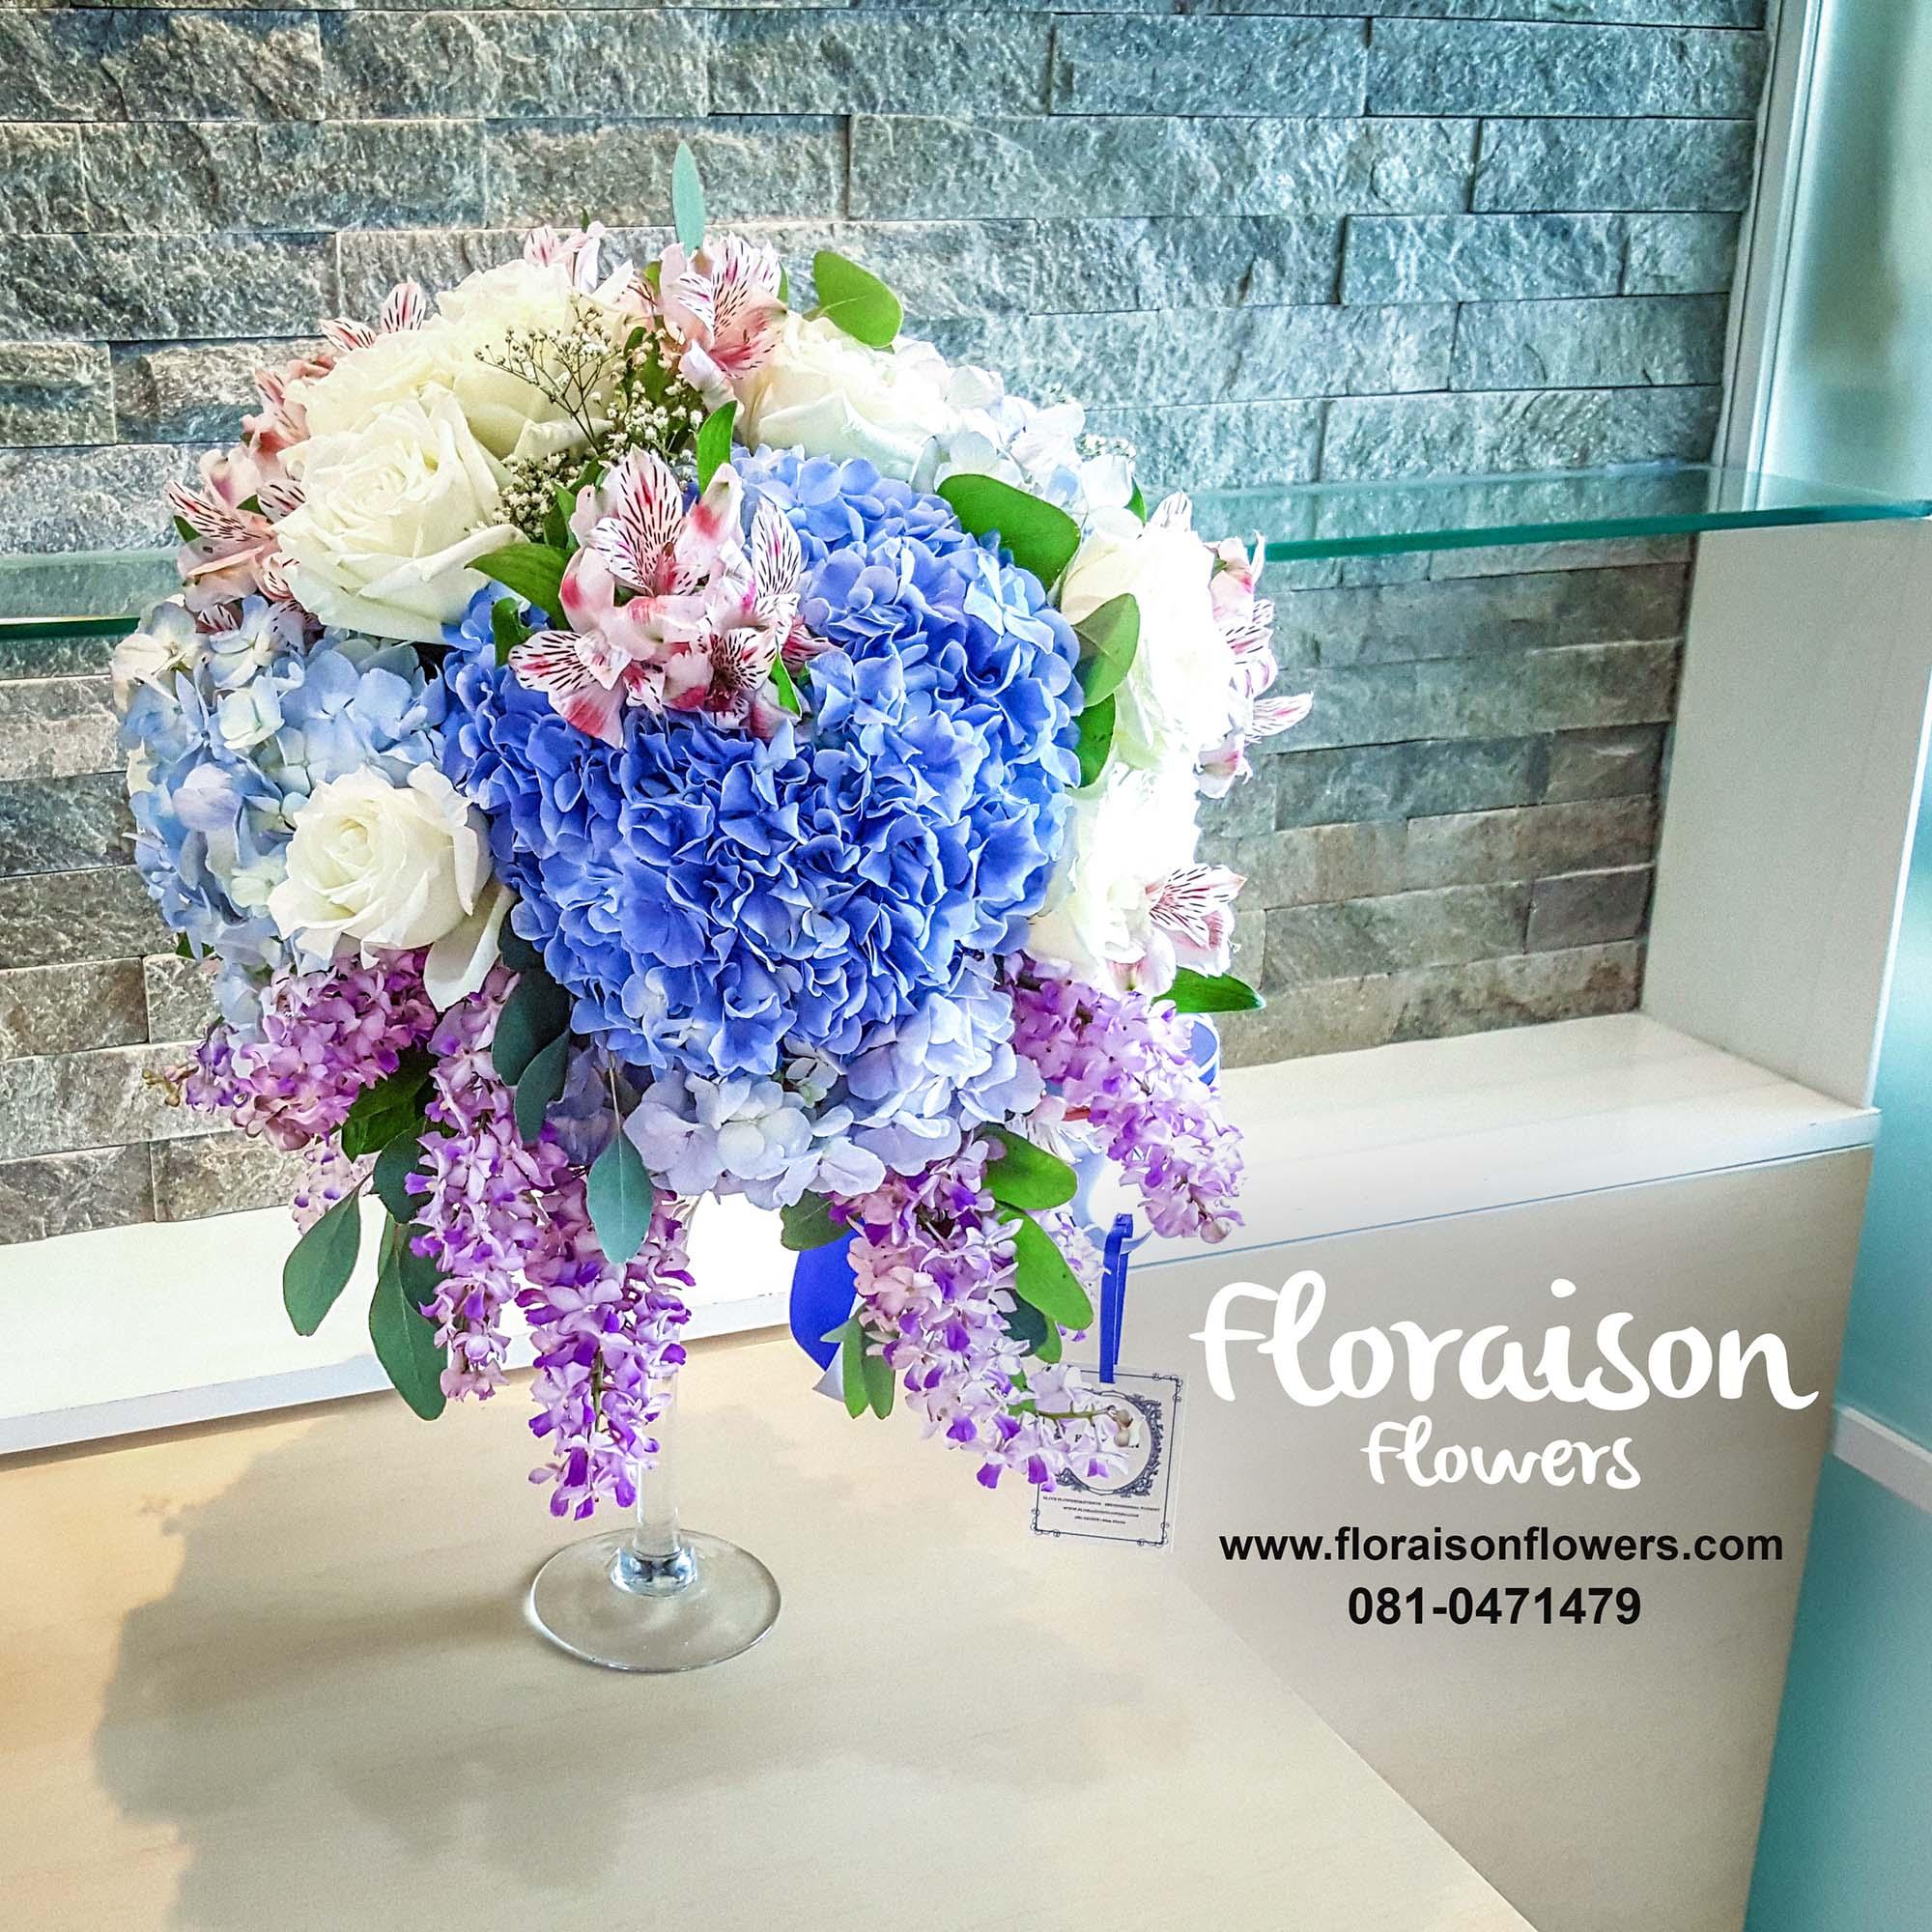 Double Elite Floraison vases (L)